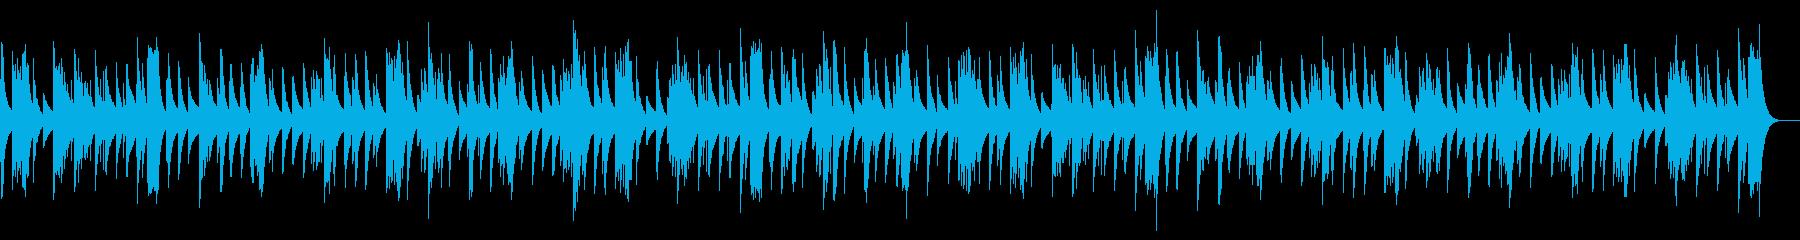 グノシエンヌ No.5_オルゴールverの再生済みの波形